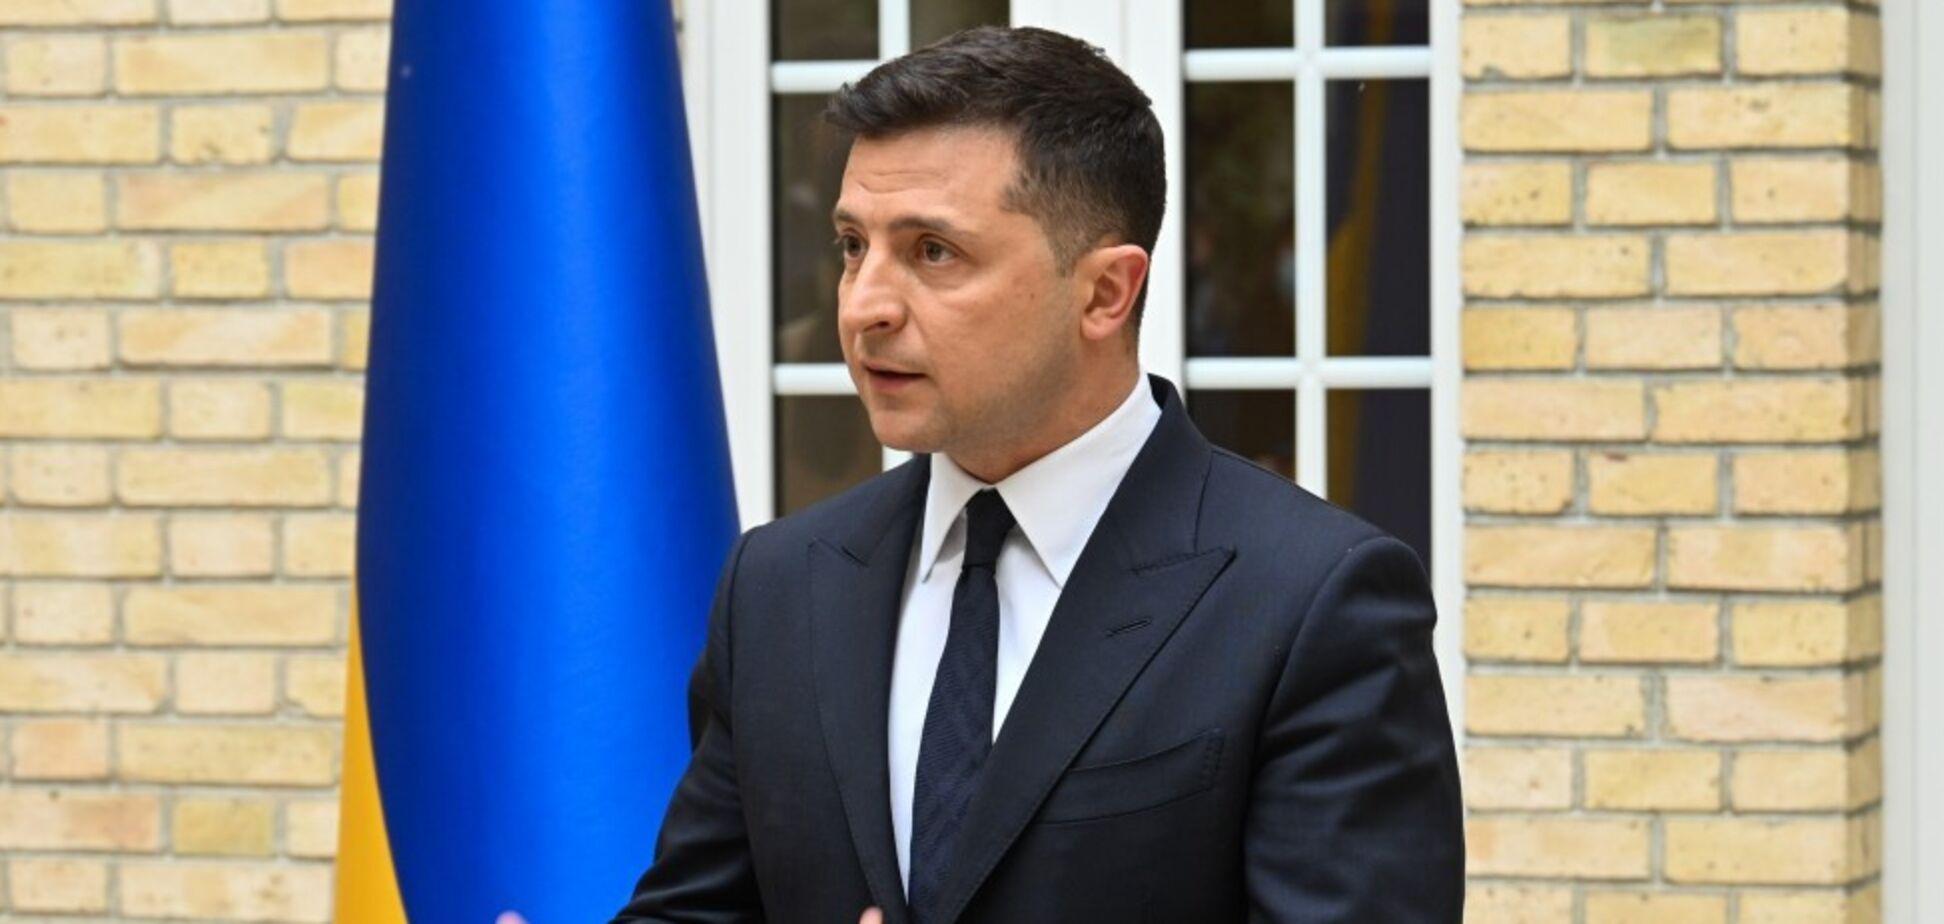 Зеленський: лише вступ України в НАТО може гарантувати безпеку та мир